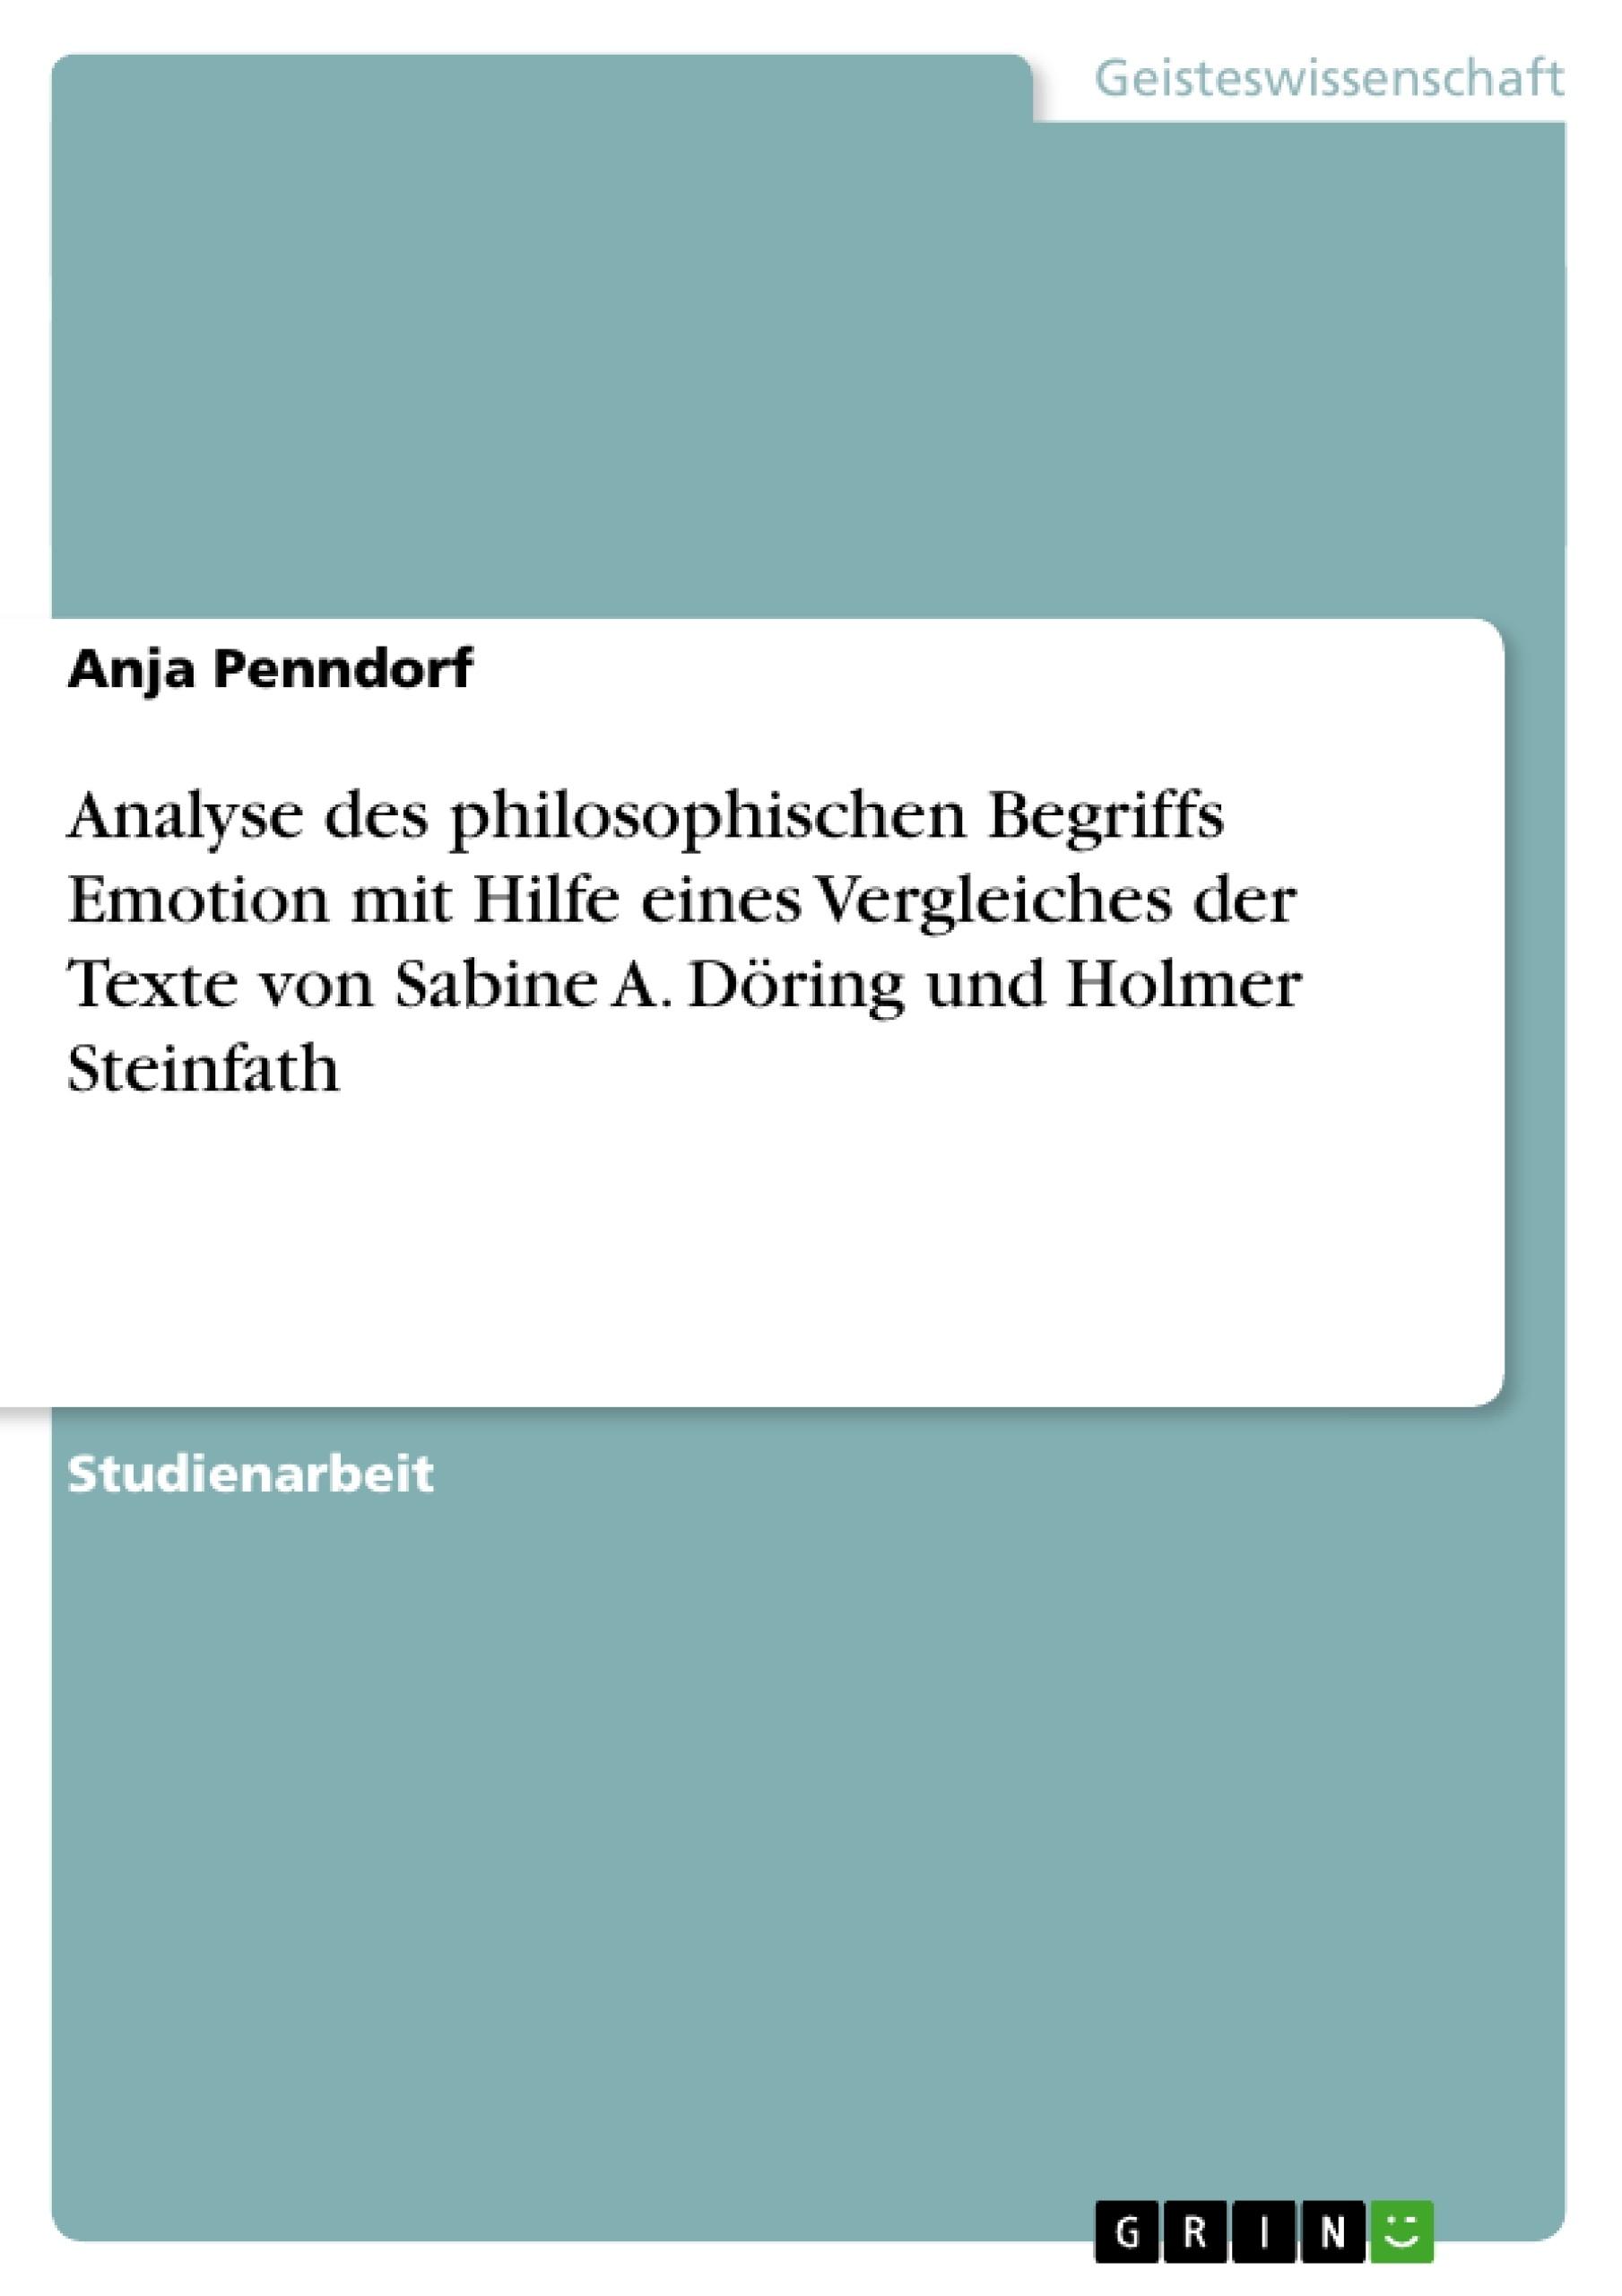 Titel: Analyse des philosophischen Begriffs Emotion mit Hilfe eines Vergleiches der Texte von Sabine A. Döring und Holmer Steinfath